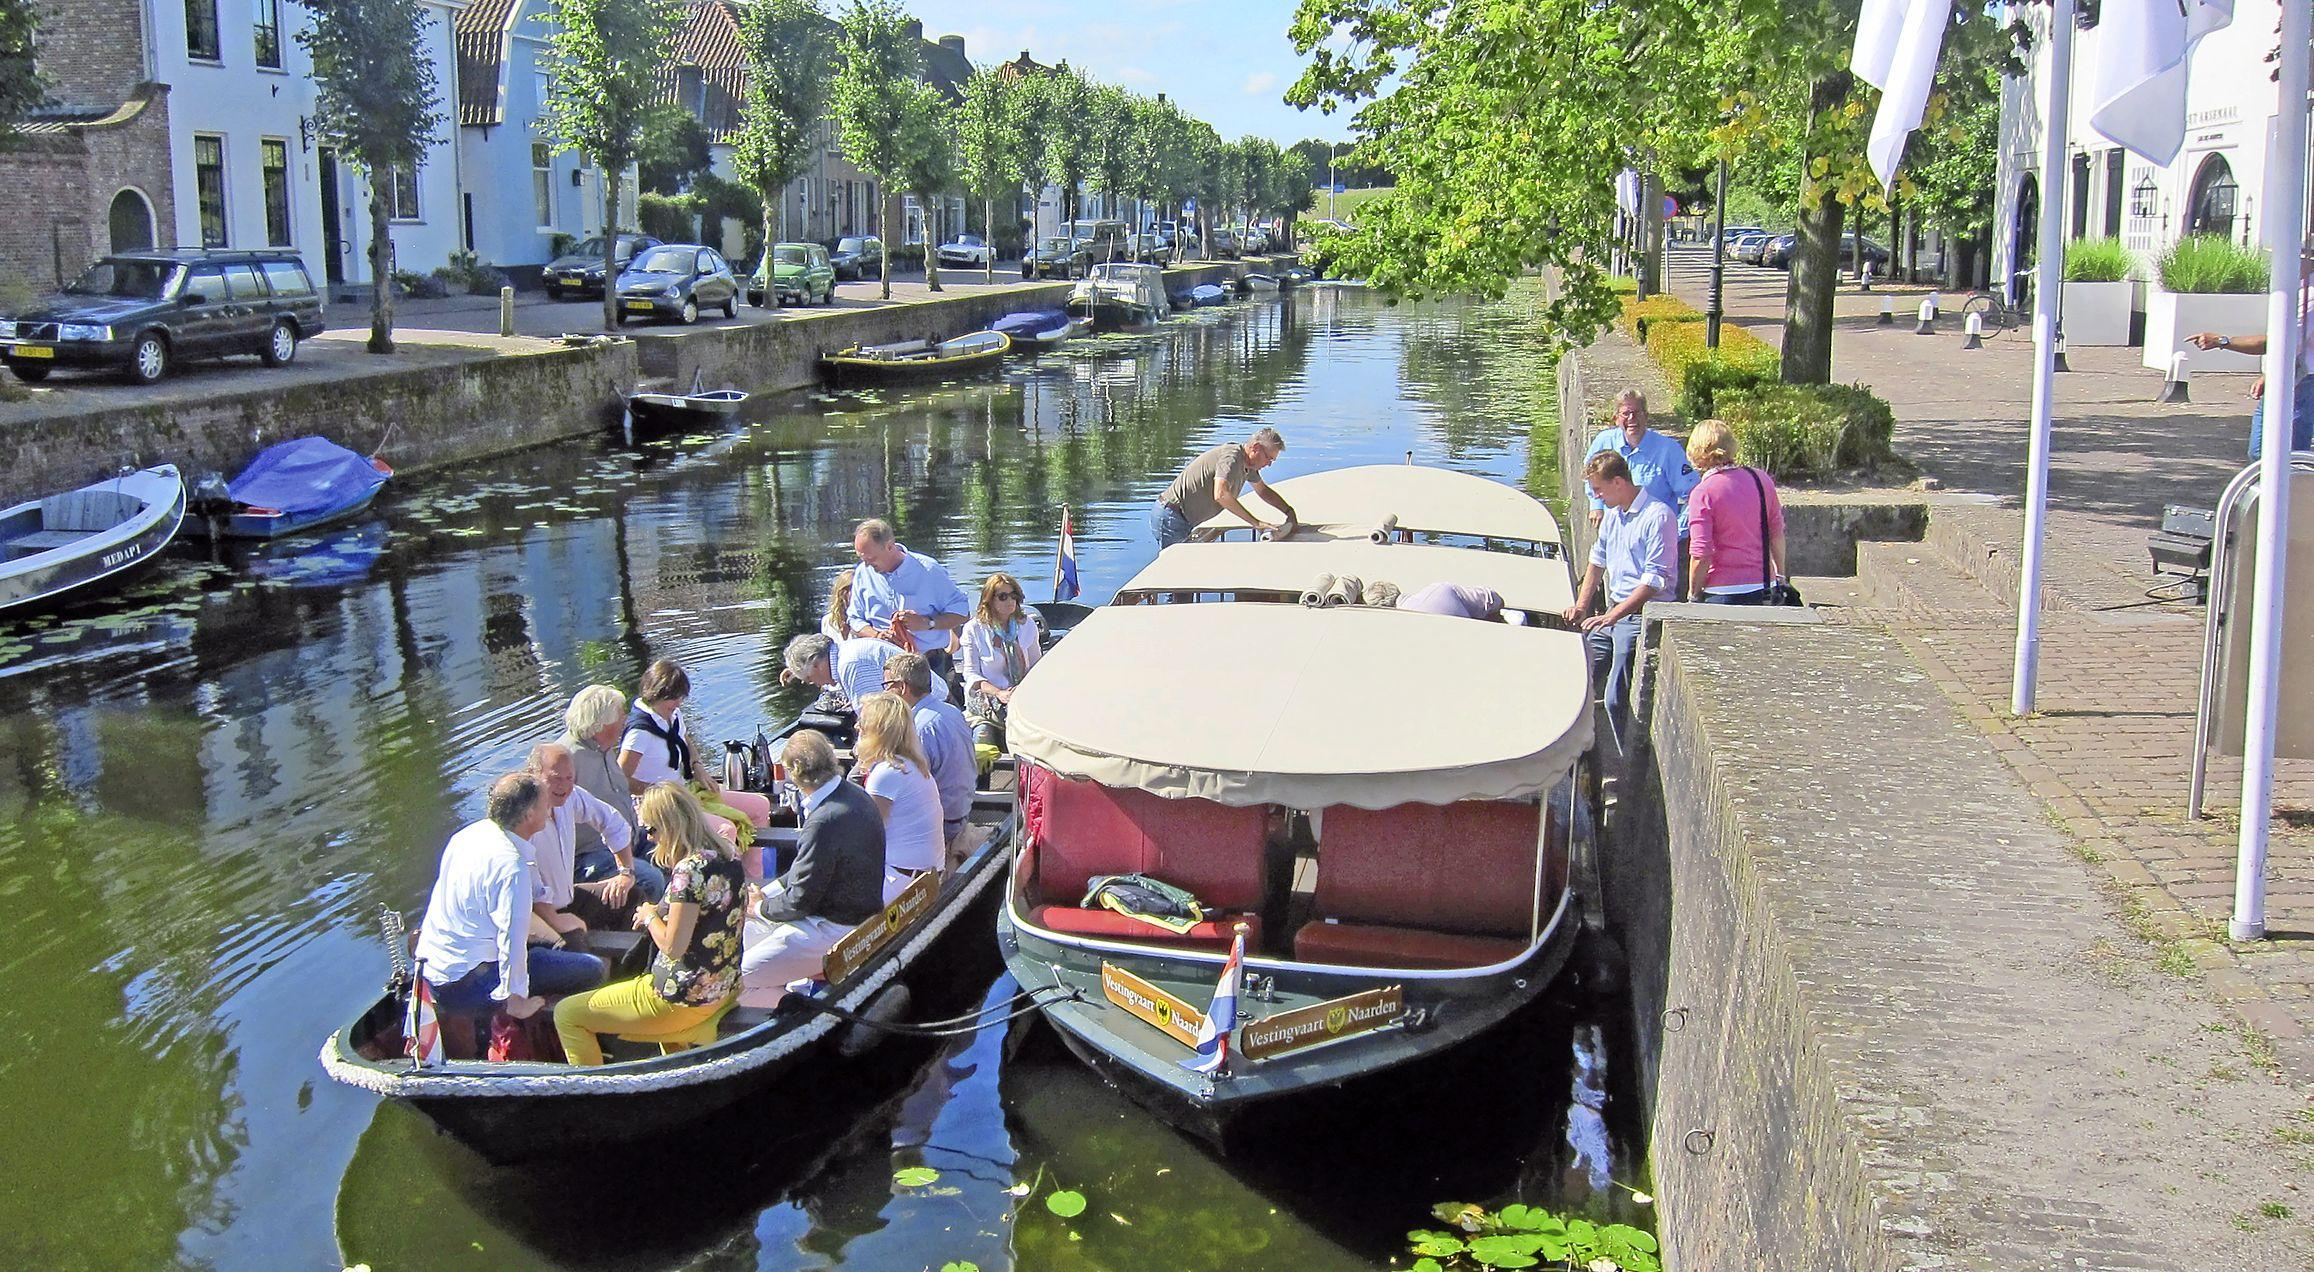 Oprichter en eigenaar Lex Maat stopt met Vestingvaart Naarden: 'Iedere tocht was anders en steeds zag ik weer iets moois'. De Gele Loods neemt het stokje over